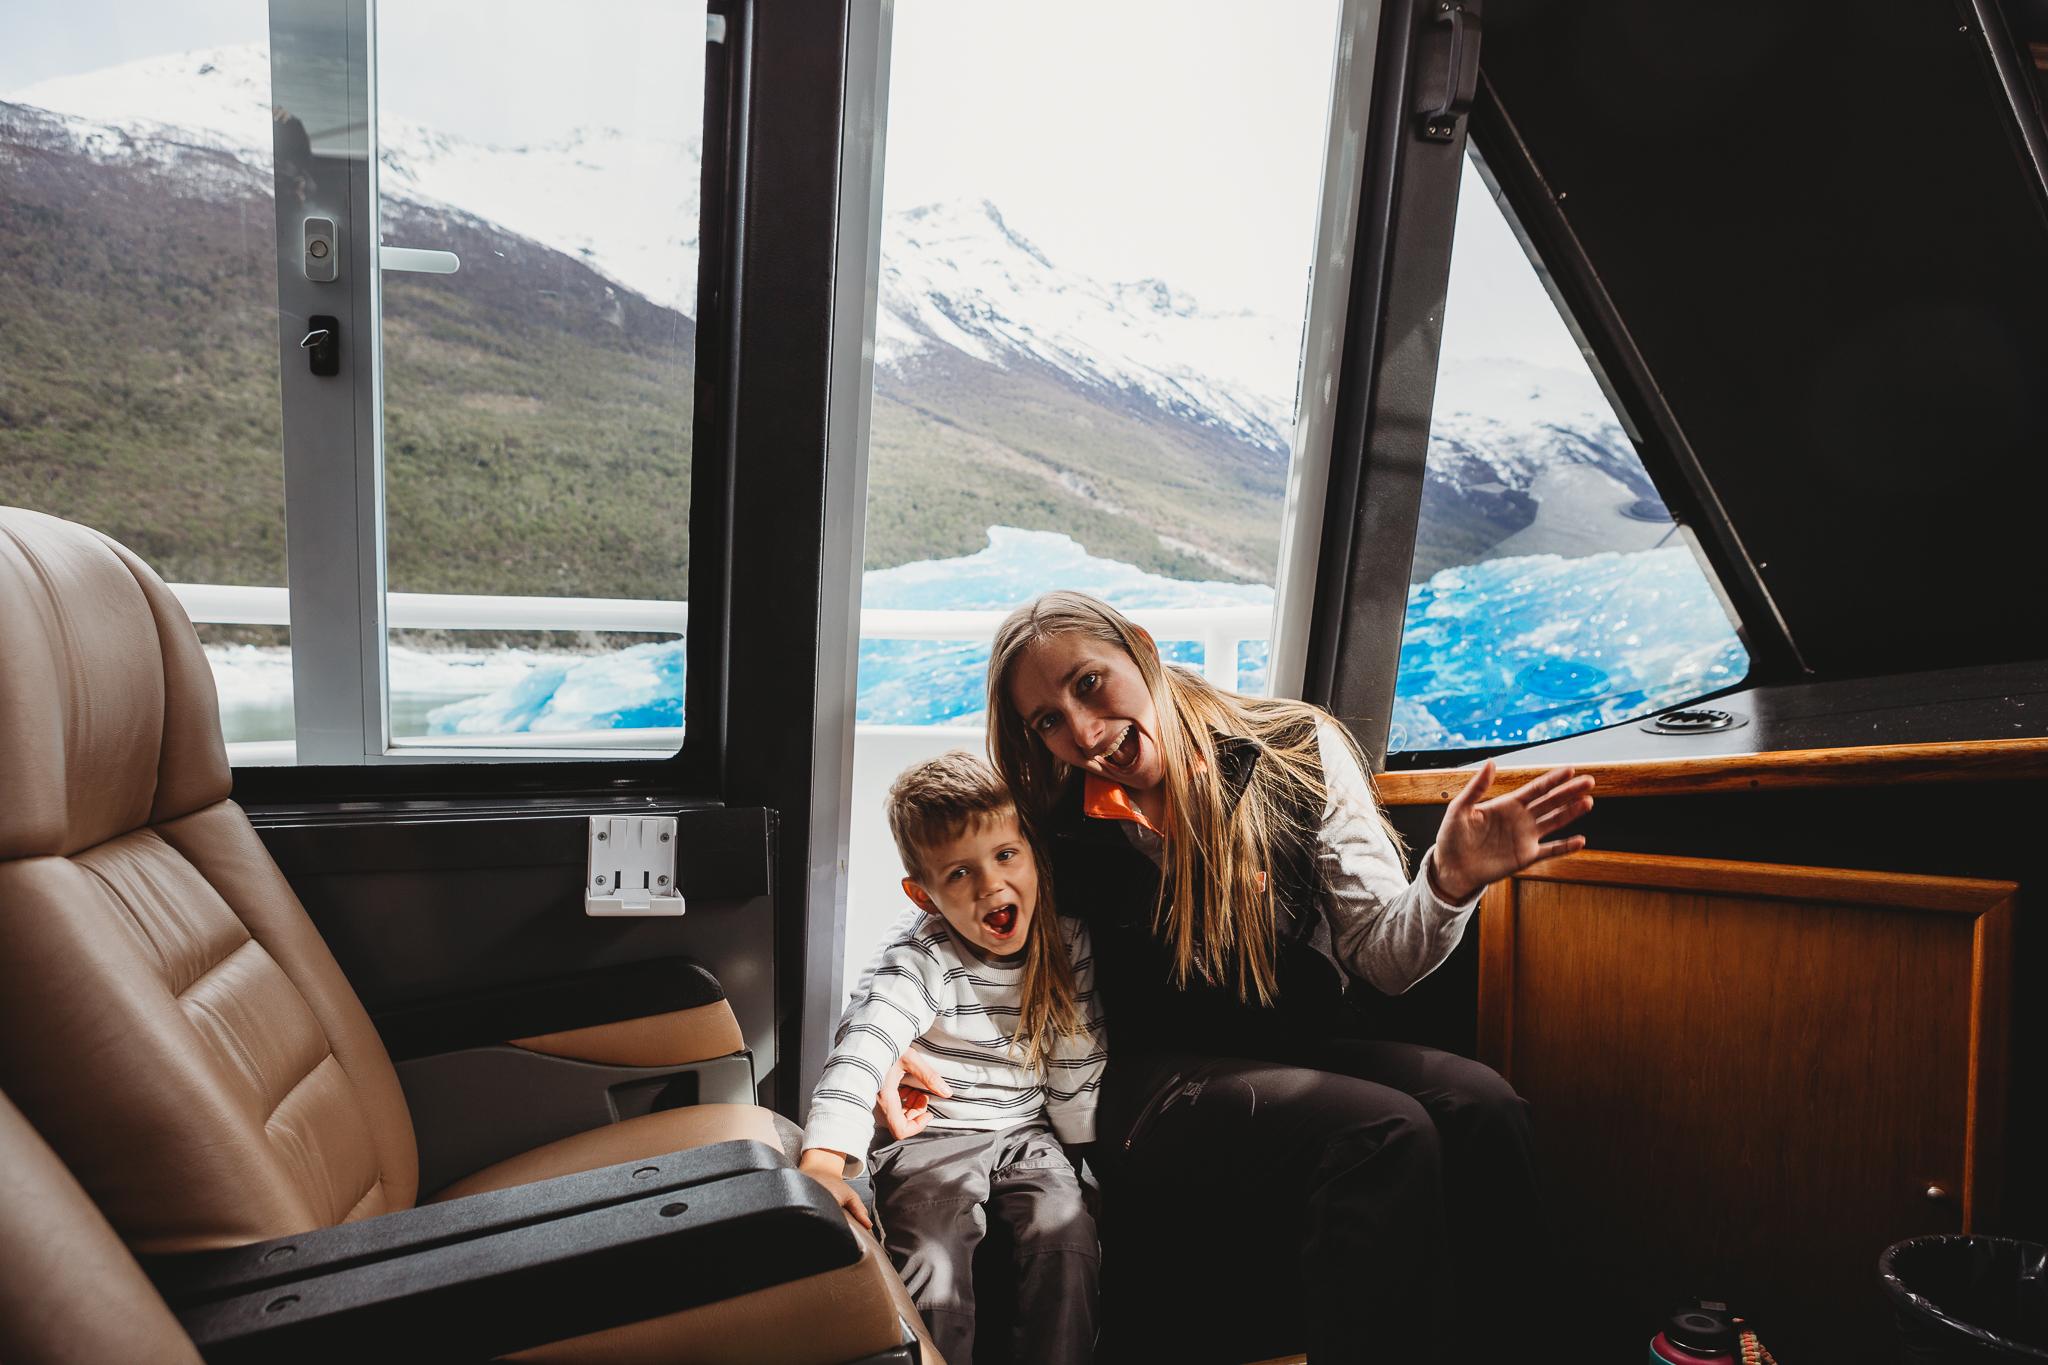 El Calafate, El Chalten, Perito Moreno, Parque Nacional Los Glaciares, Argentina, Buenos Aires-6.jpg